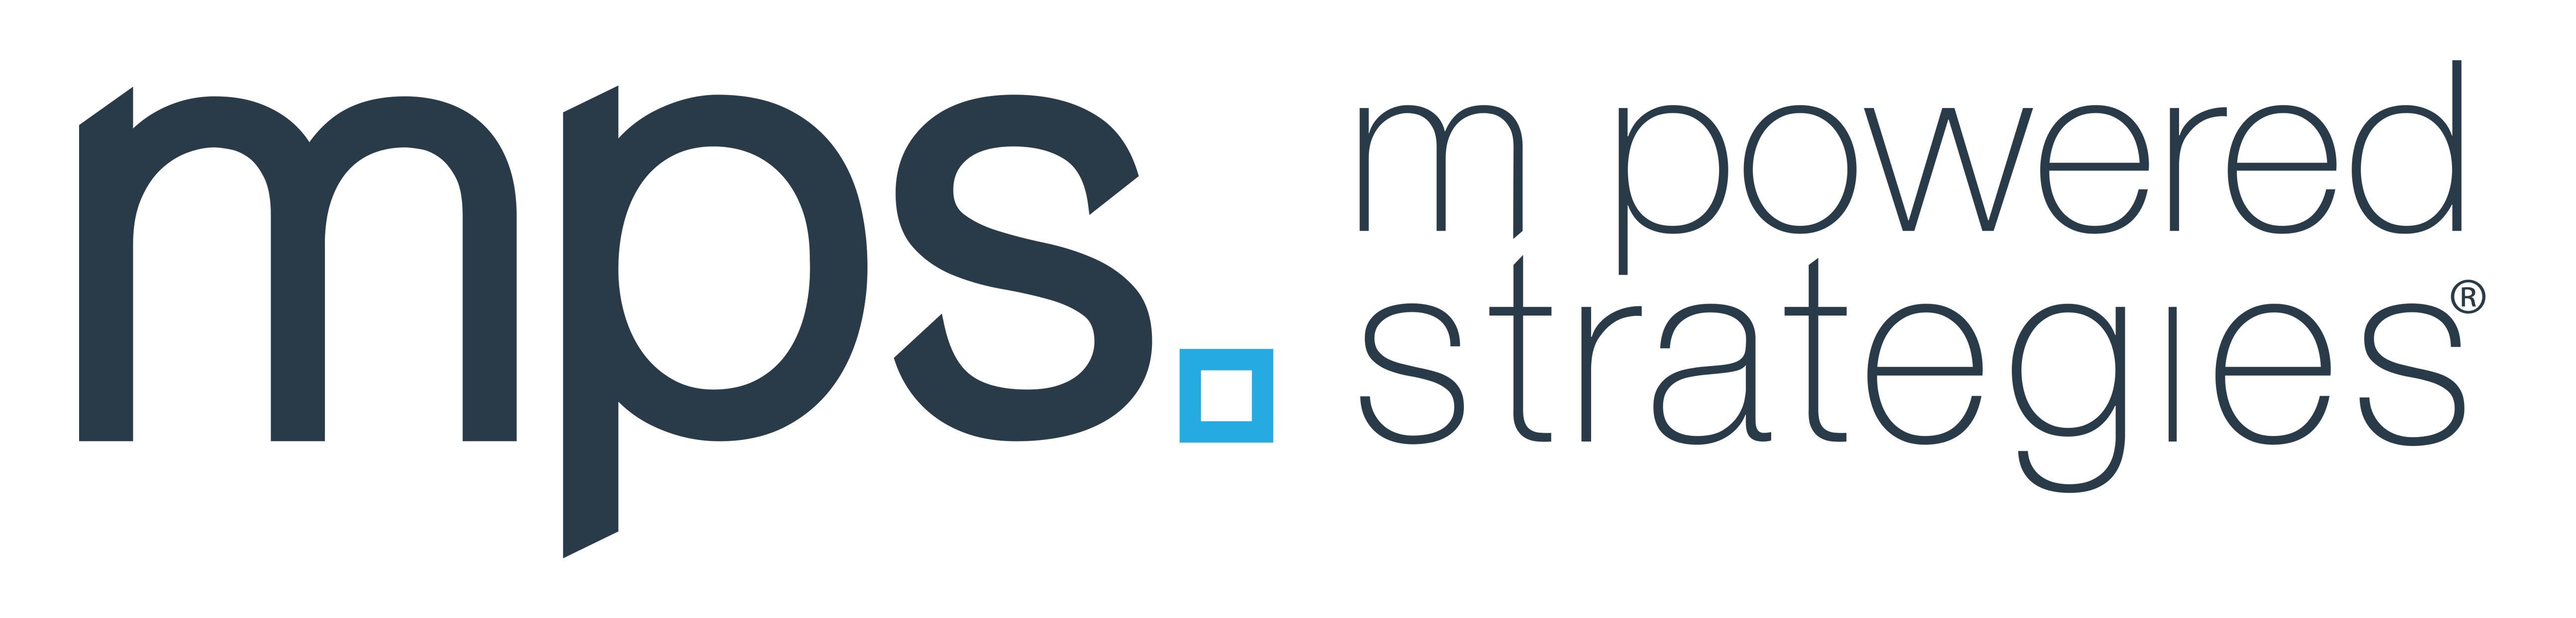 M Powered Stategies